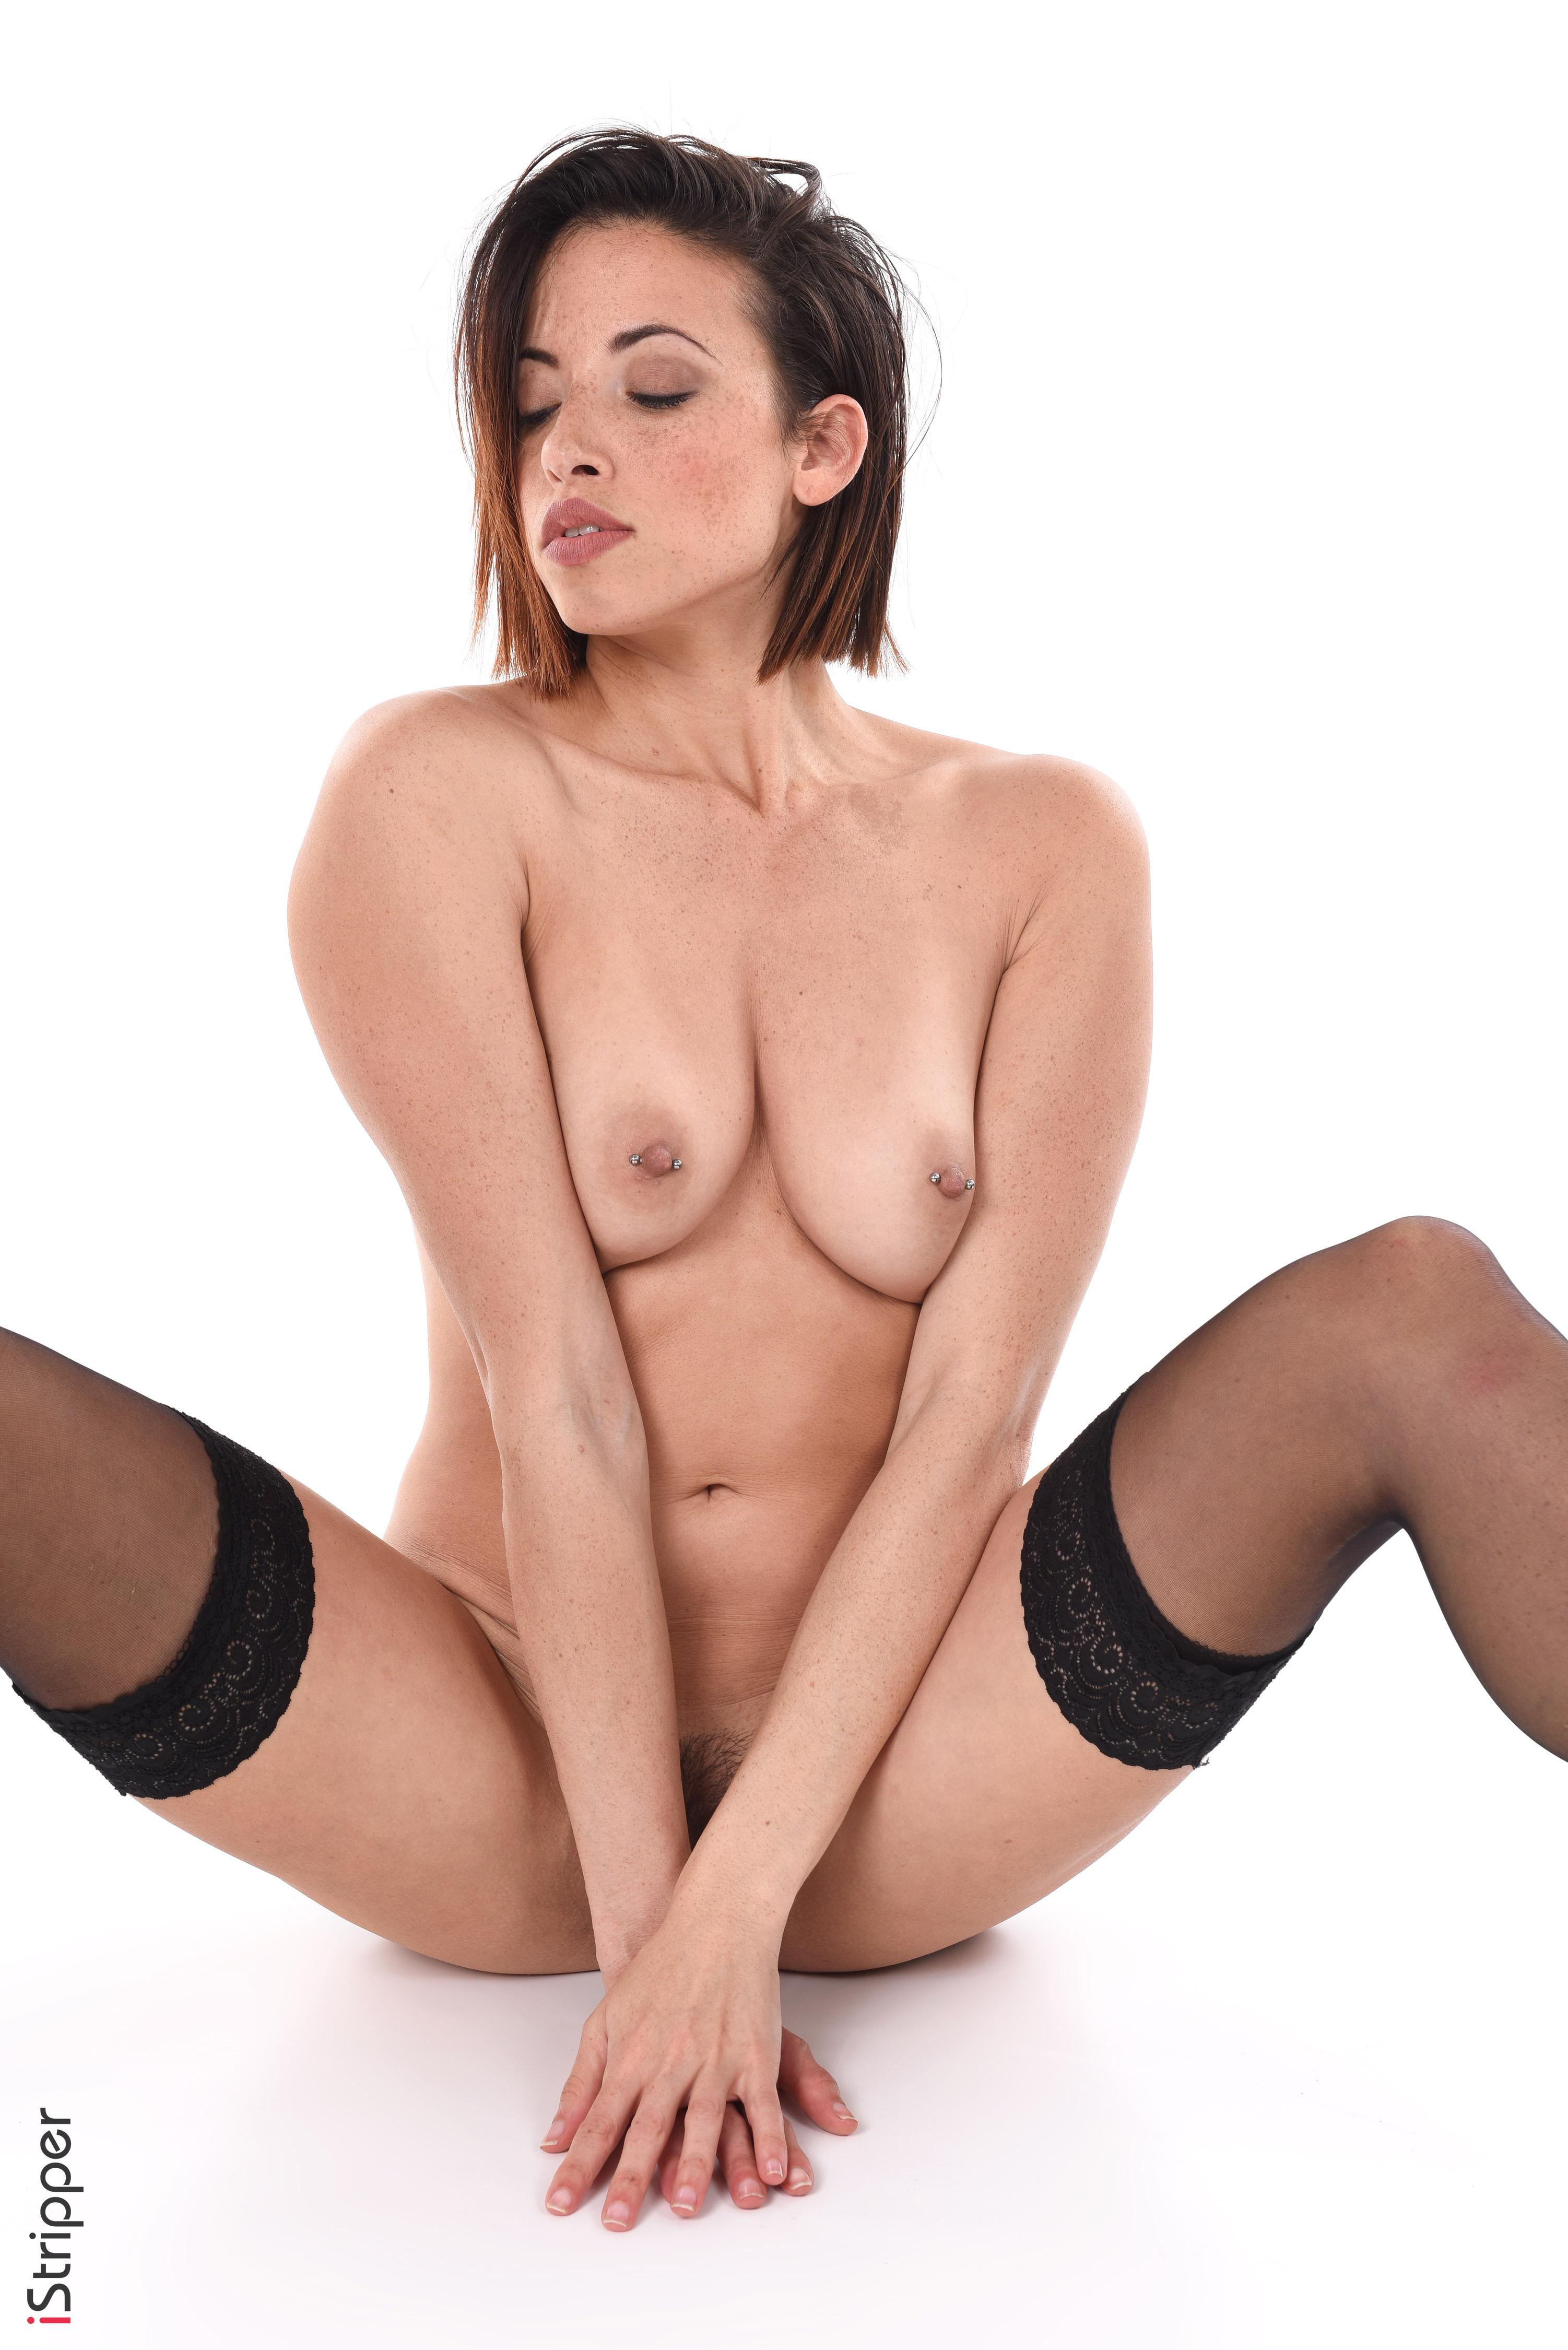 nude wallpaper download